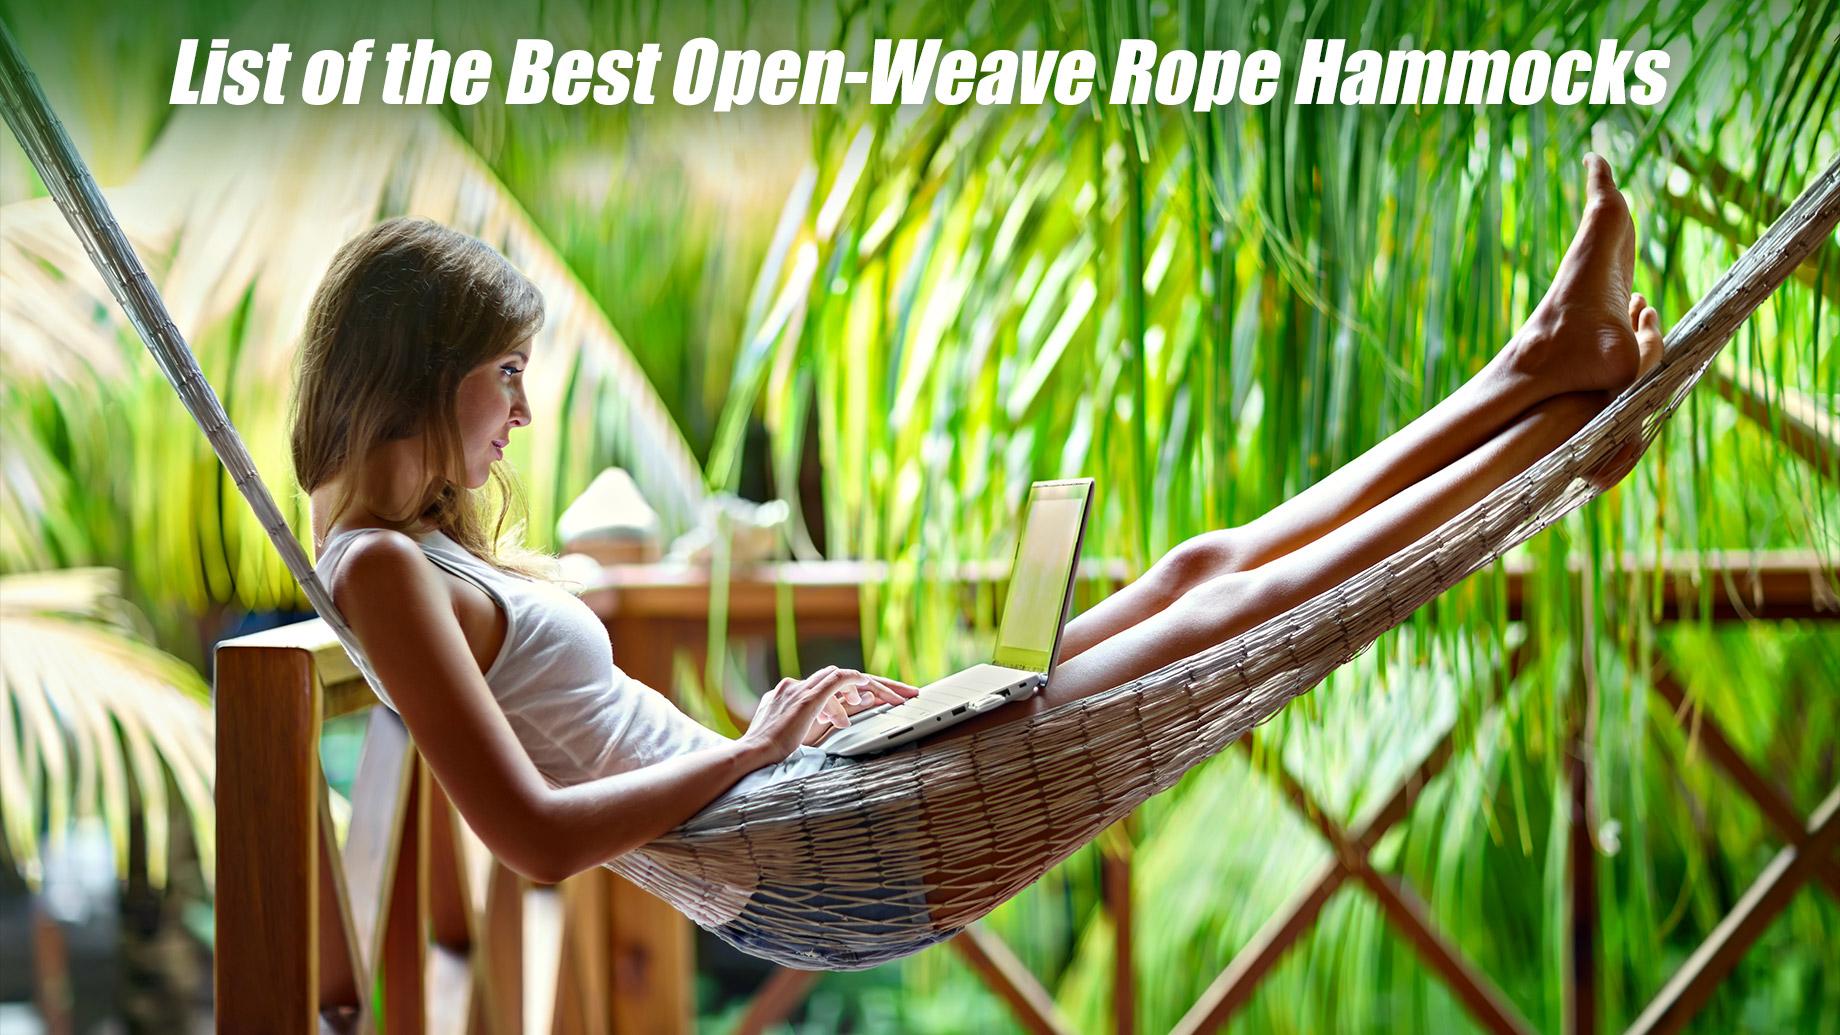 List of the Best Open-Weave Rope Hammocks